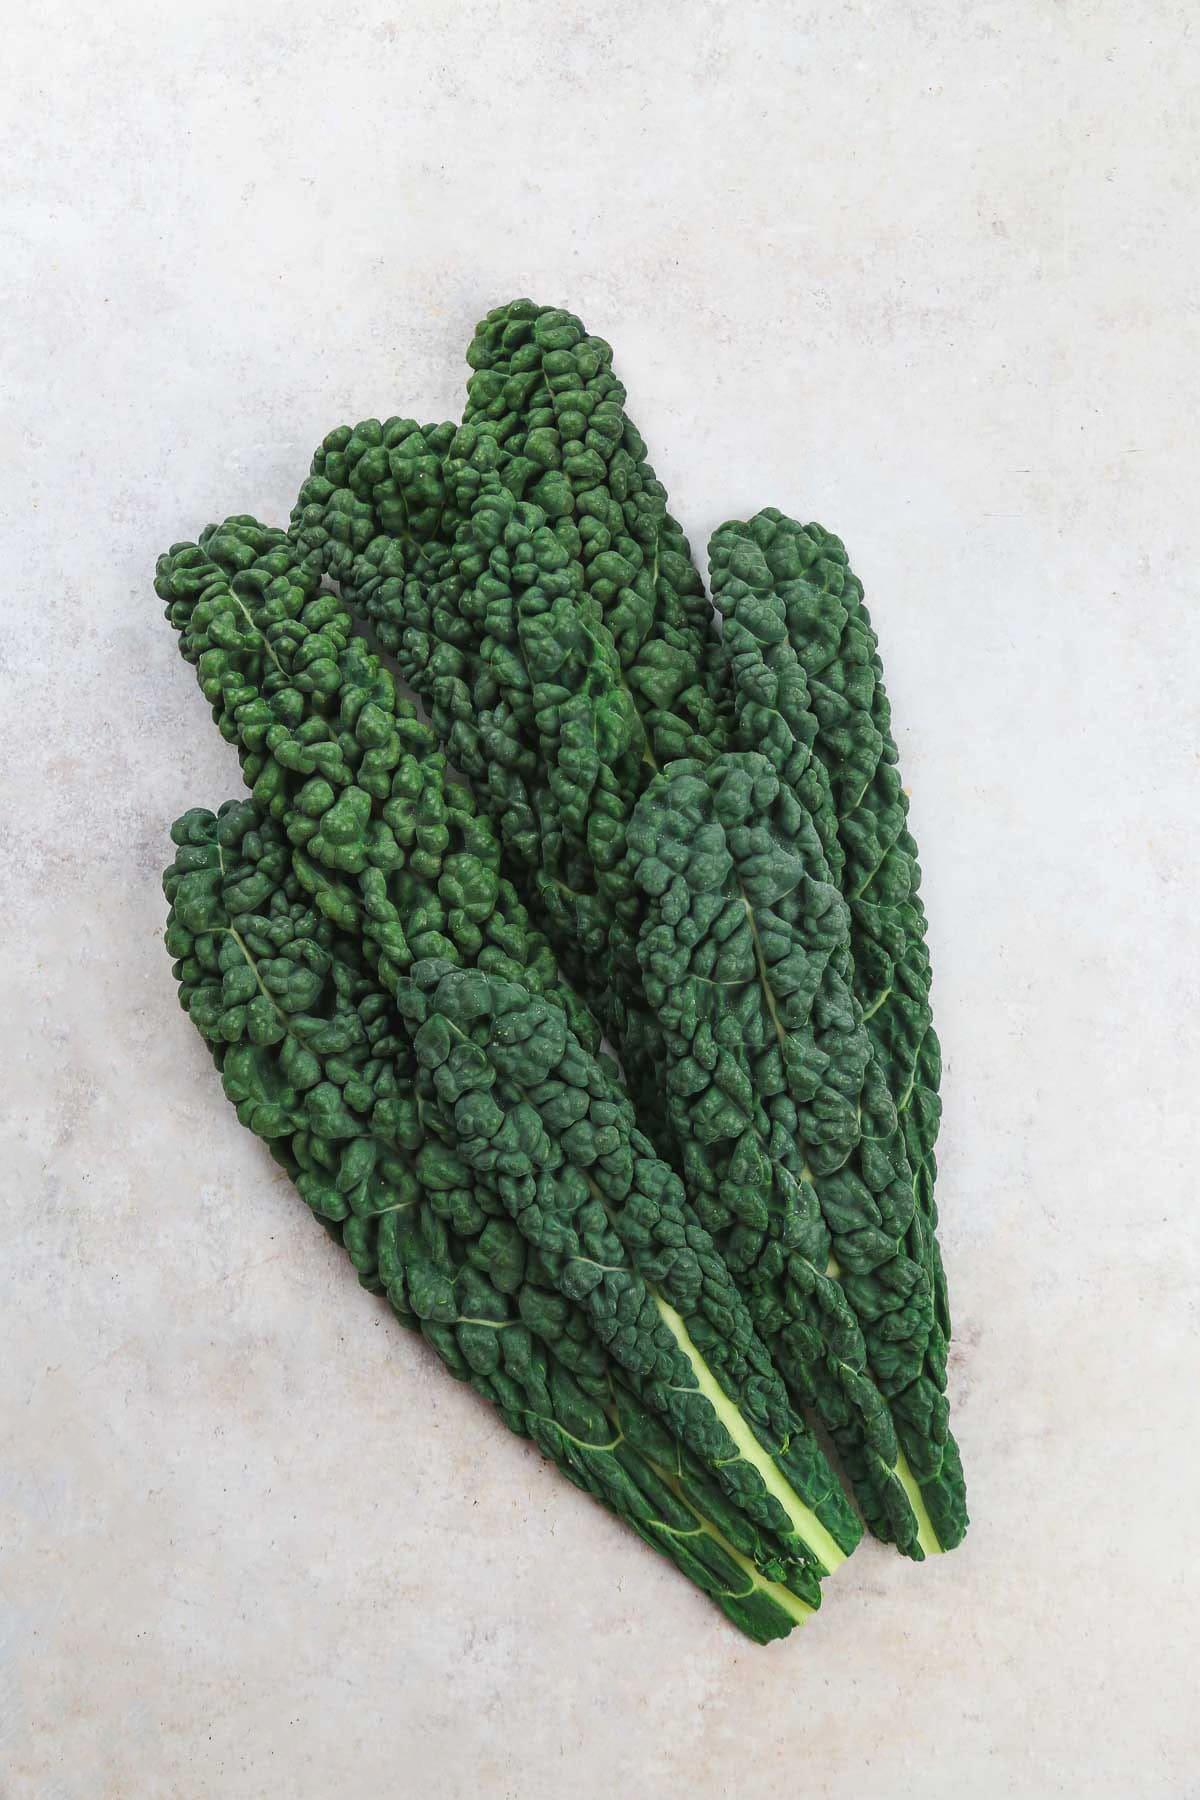 Fresh cavolo nero black kale